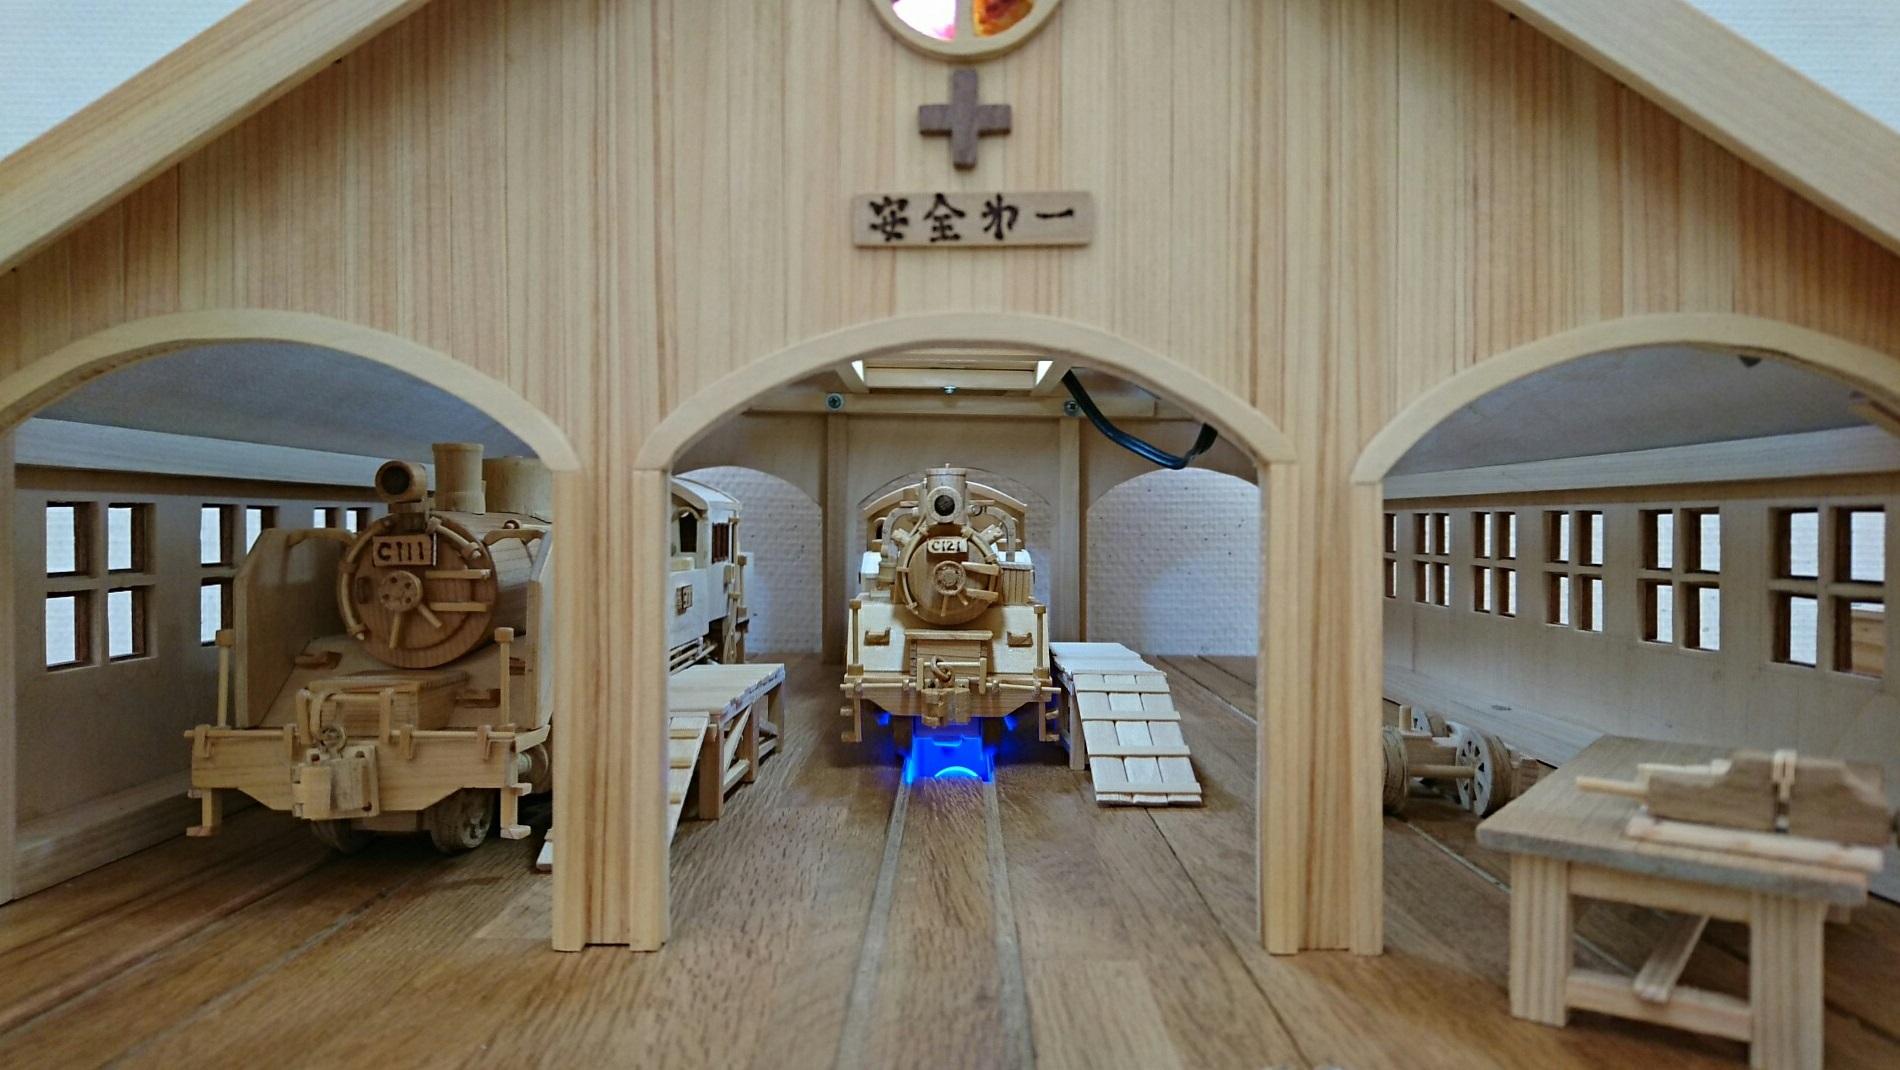 2018.3.22 木工細工蒸気機関車作品展 (12) 機関車庫とC111、C121 1900-1070